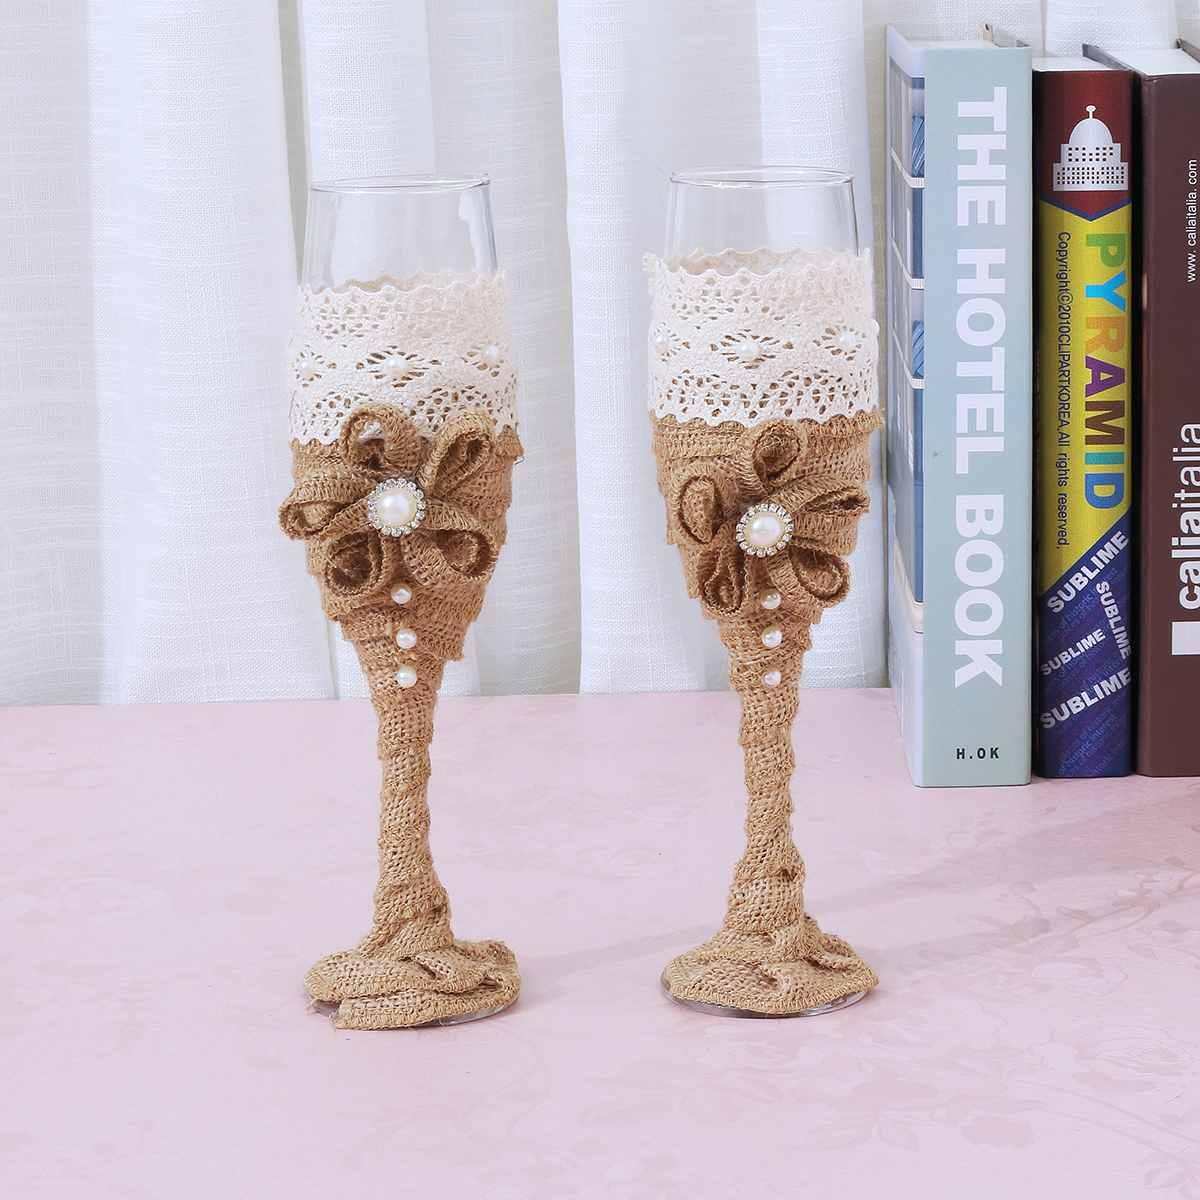 Одна пара свадебное вино хрустальные винтажные бокалы для шампанского льняные бокалы для питья вечерние свадебный подарок домашнее свадебное украшение